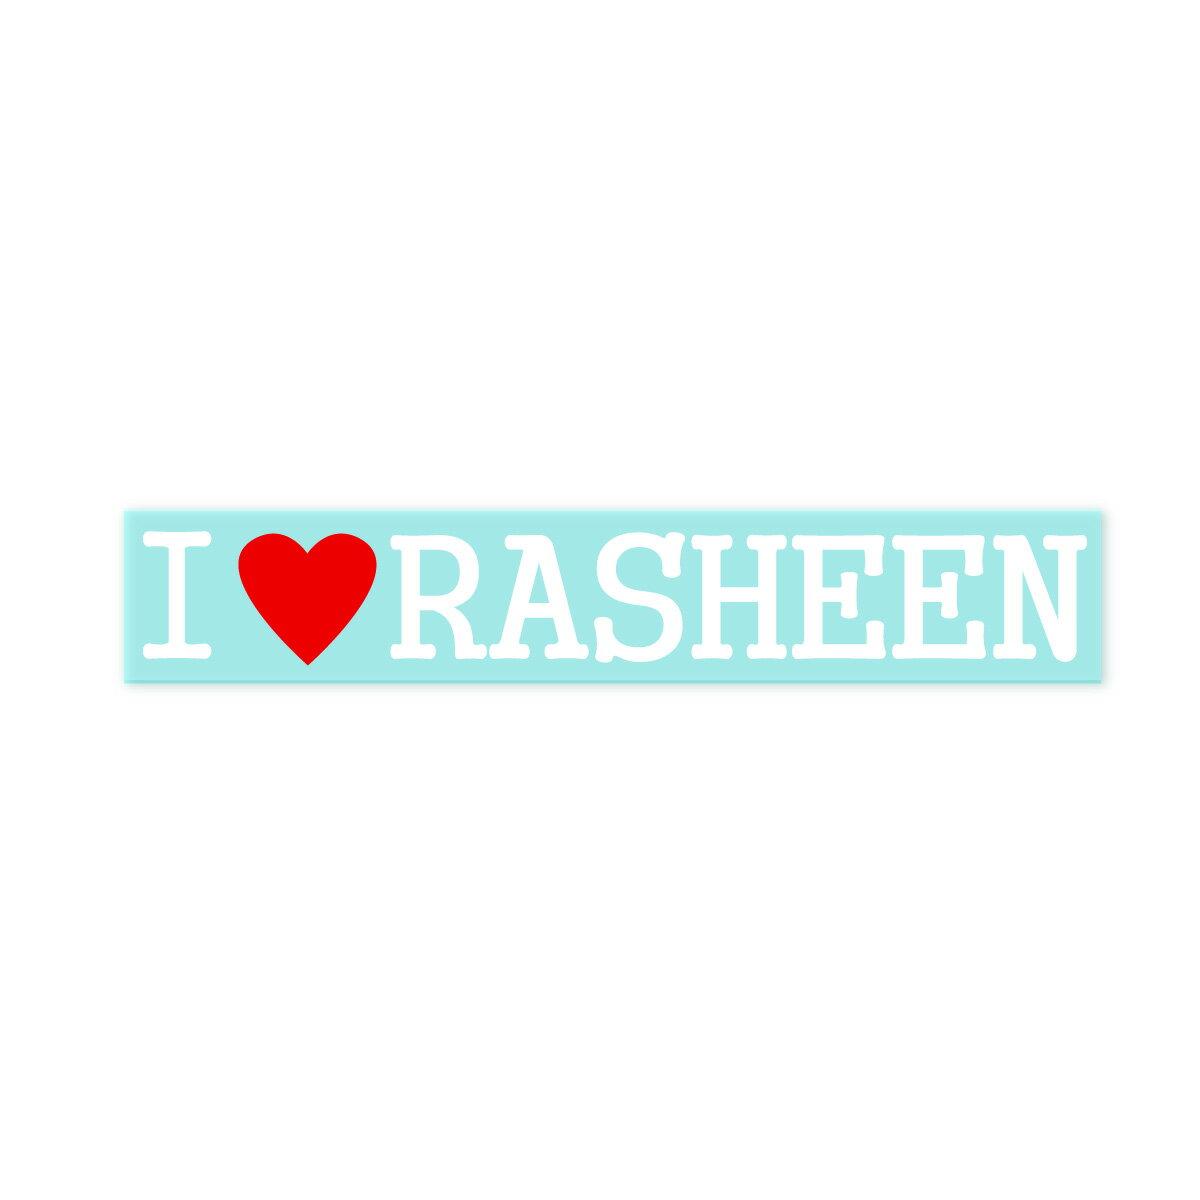 【Fproducts】アイラブステッカー/RASHEEN/アイラブ ラシーン【ポイント消化】